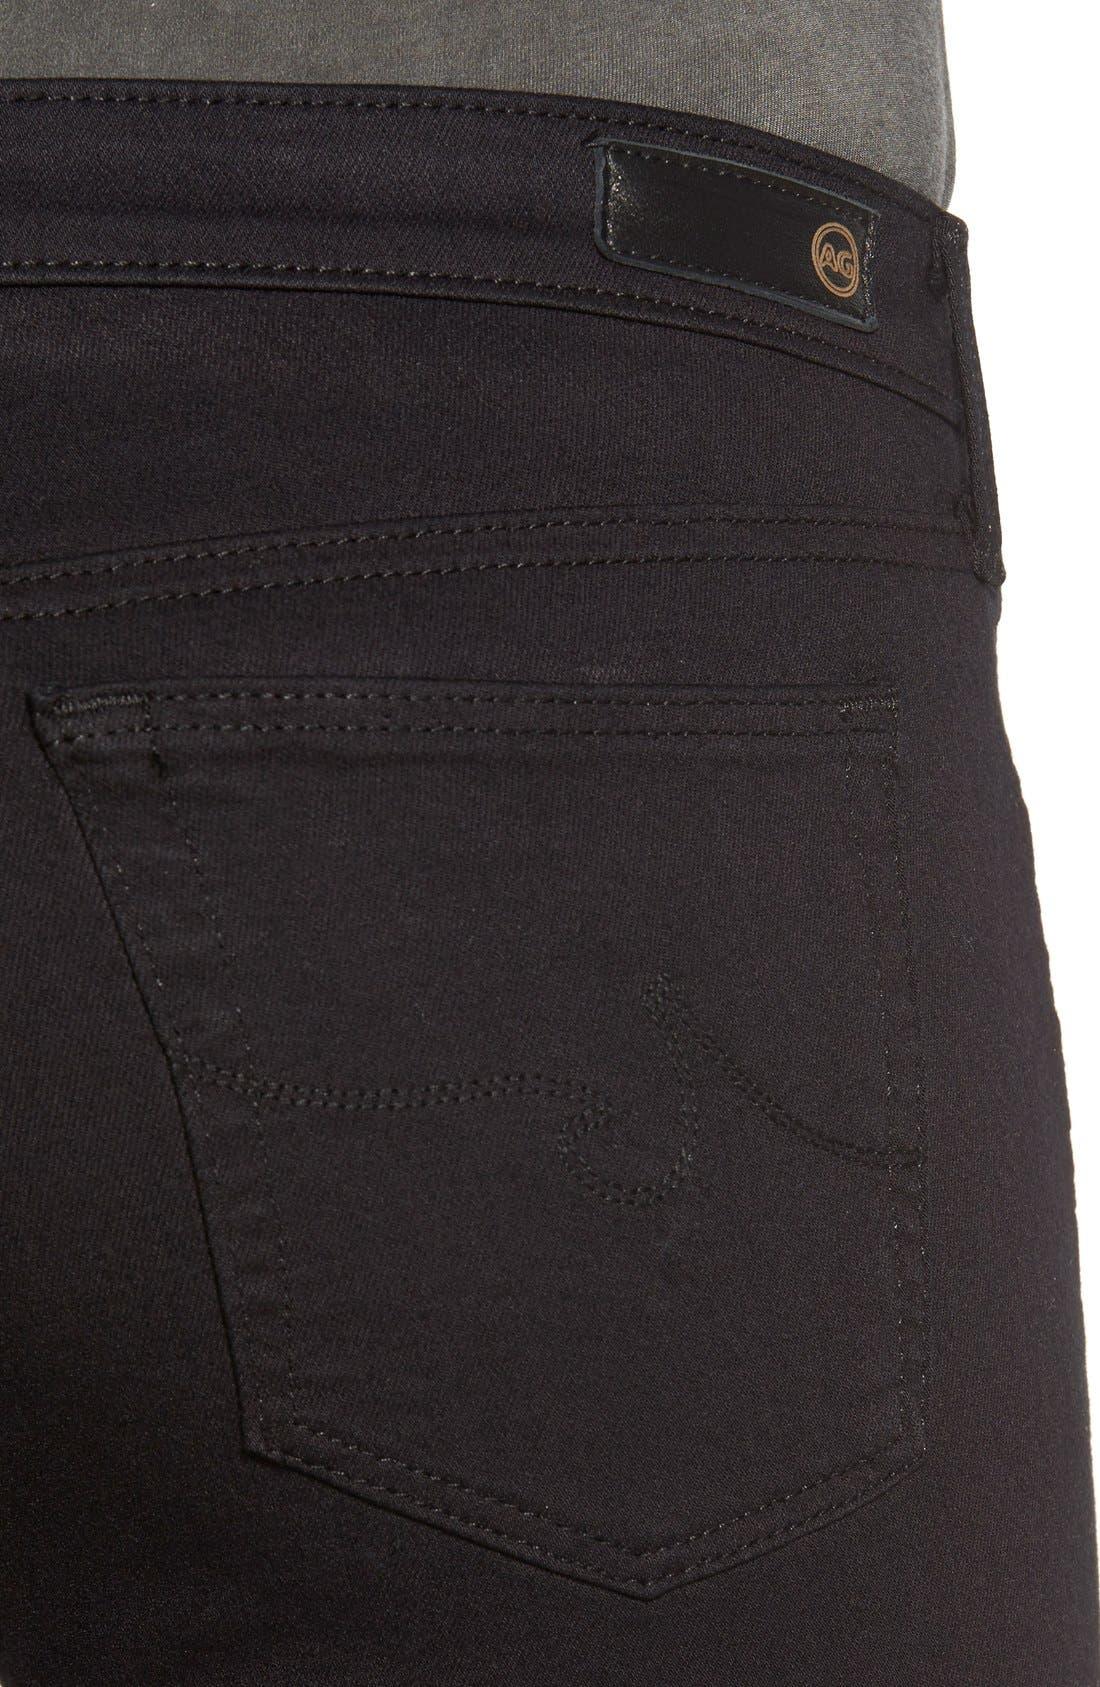 AG, 'The Legging' Ankle Super Skinny Jeans, Alternate thumbnail 6, color, SUPER BLACK